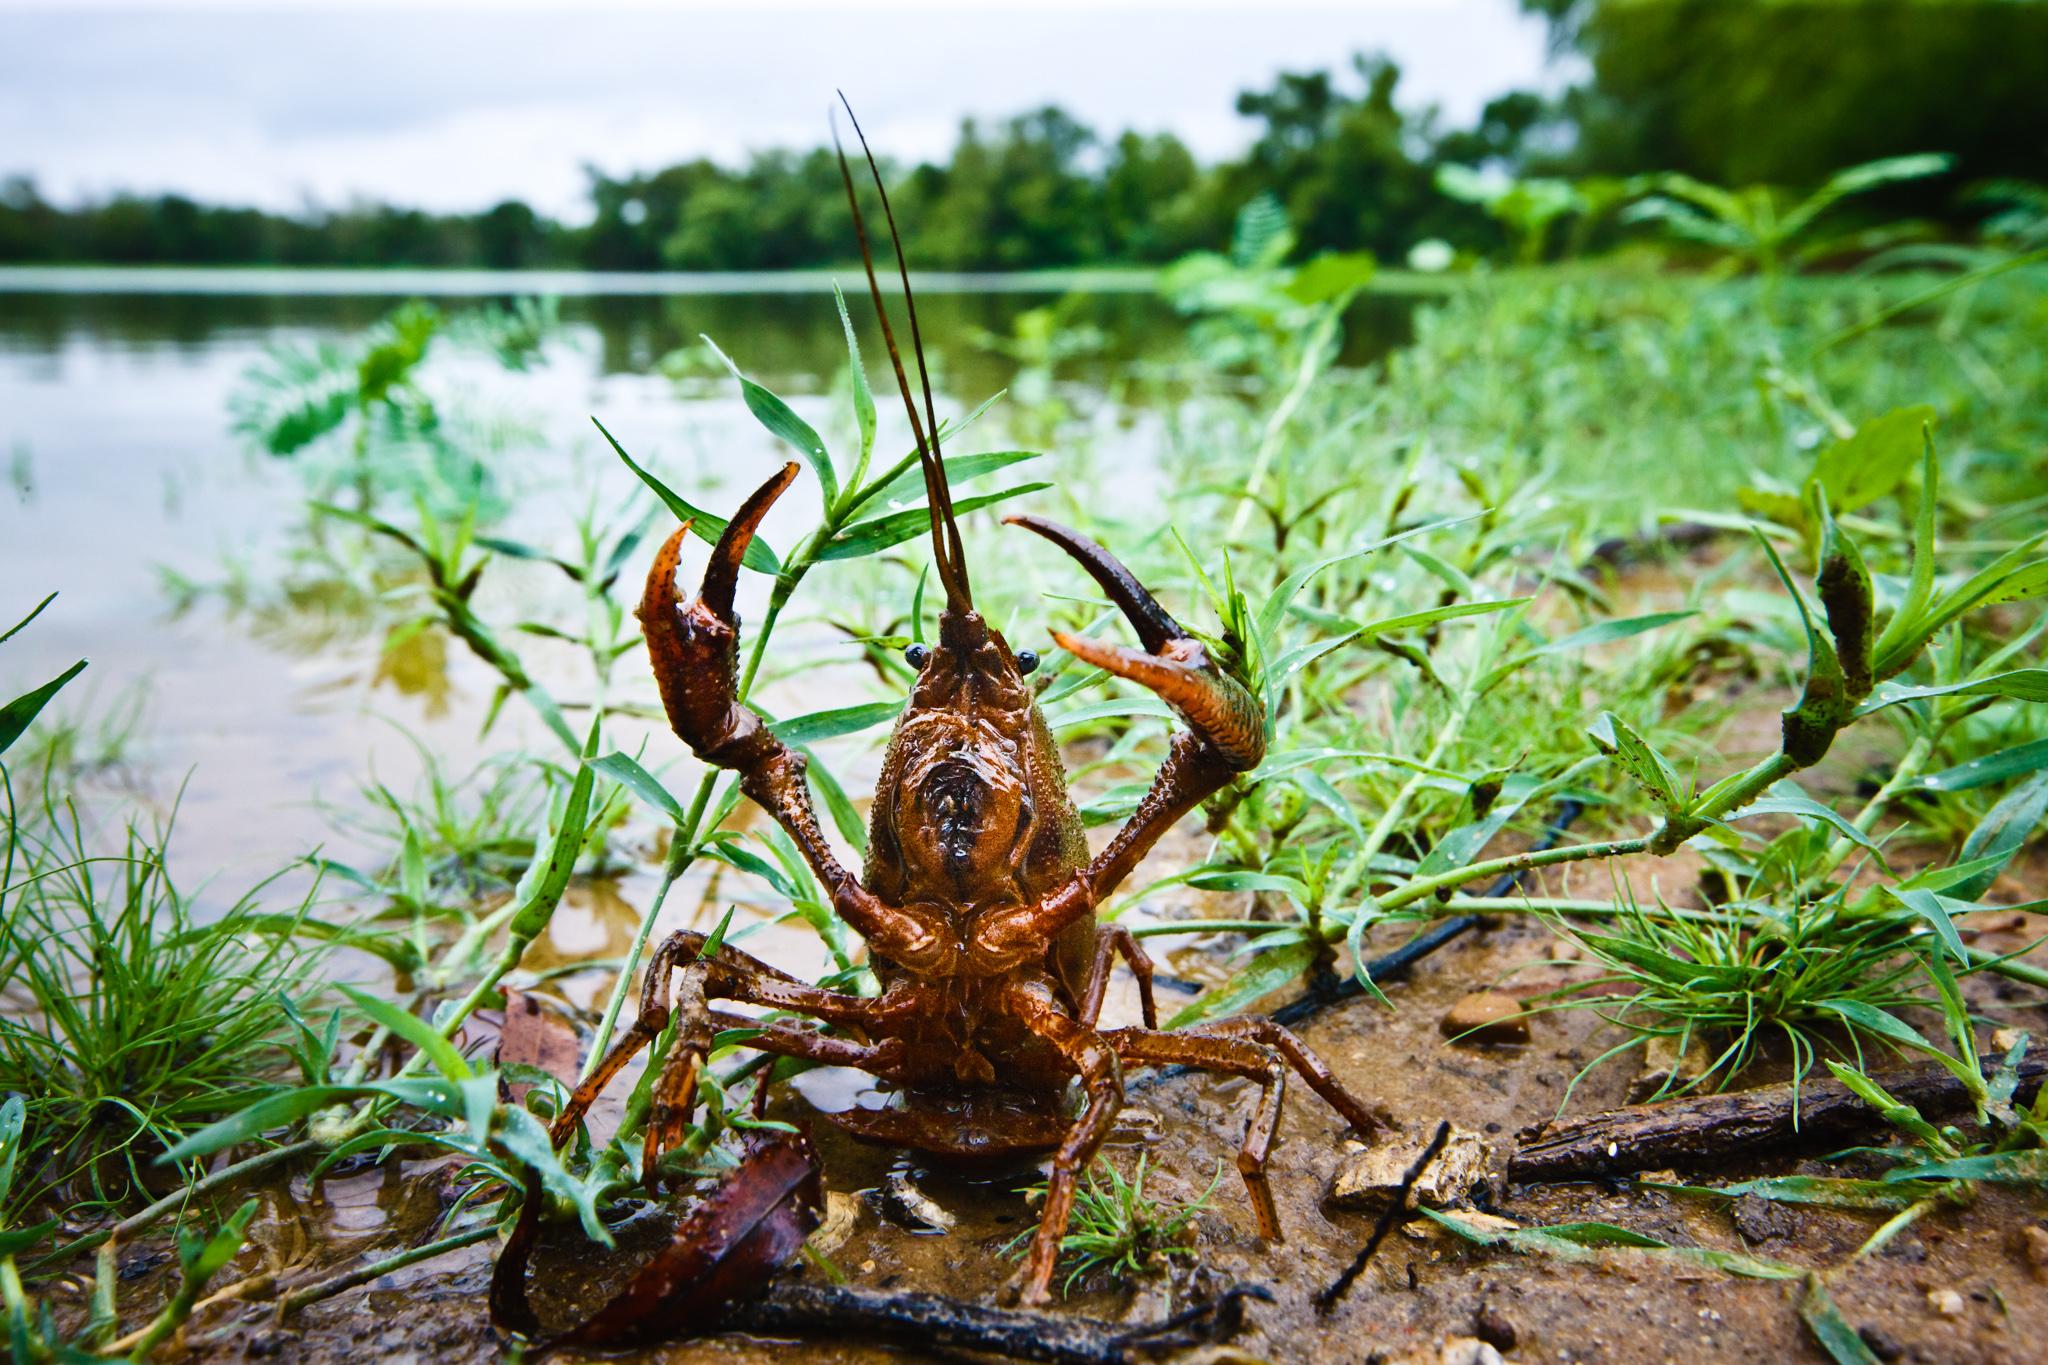 Crayfish, Crawfish, Crawdaddy, Mudbug